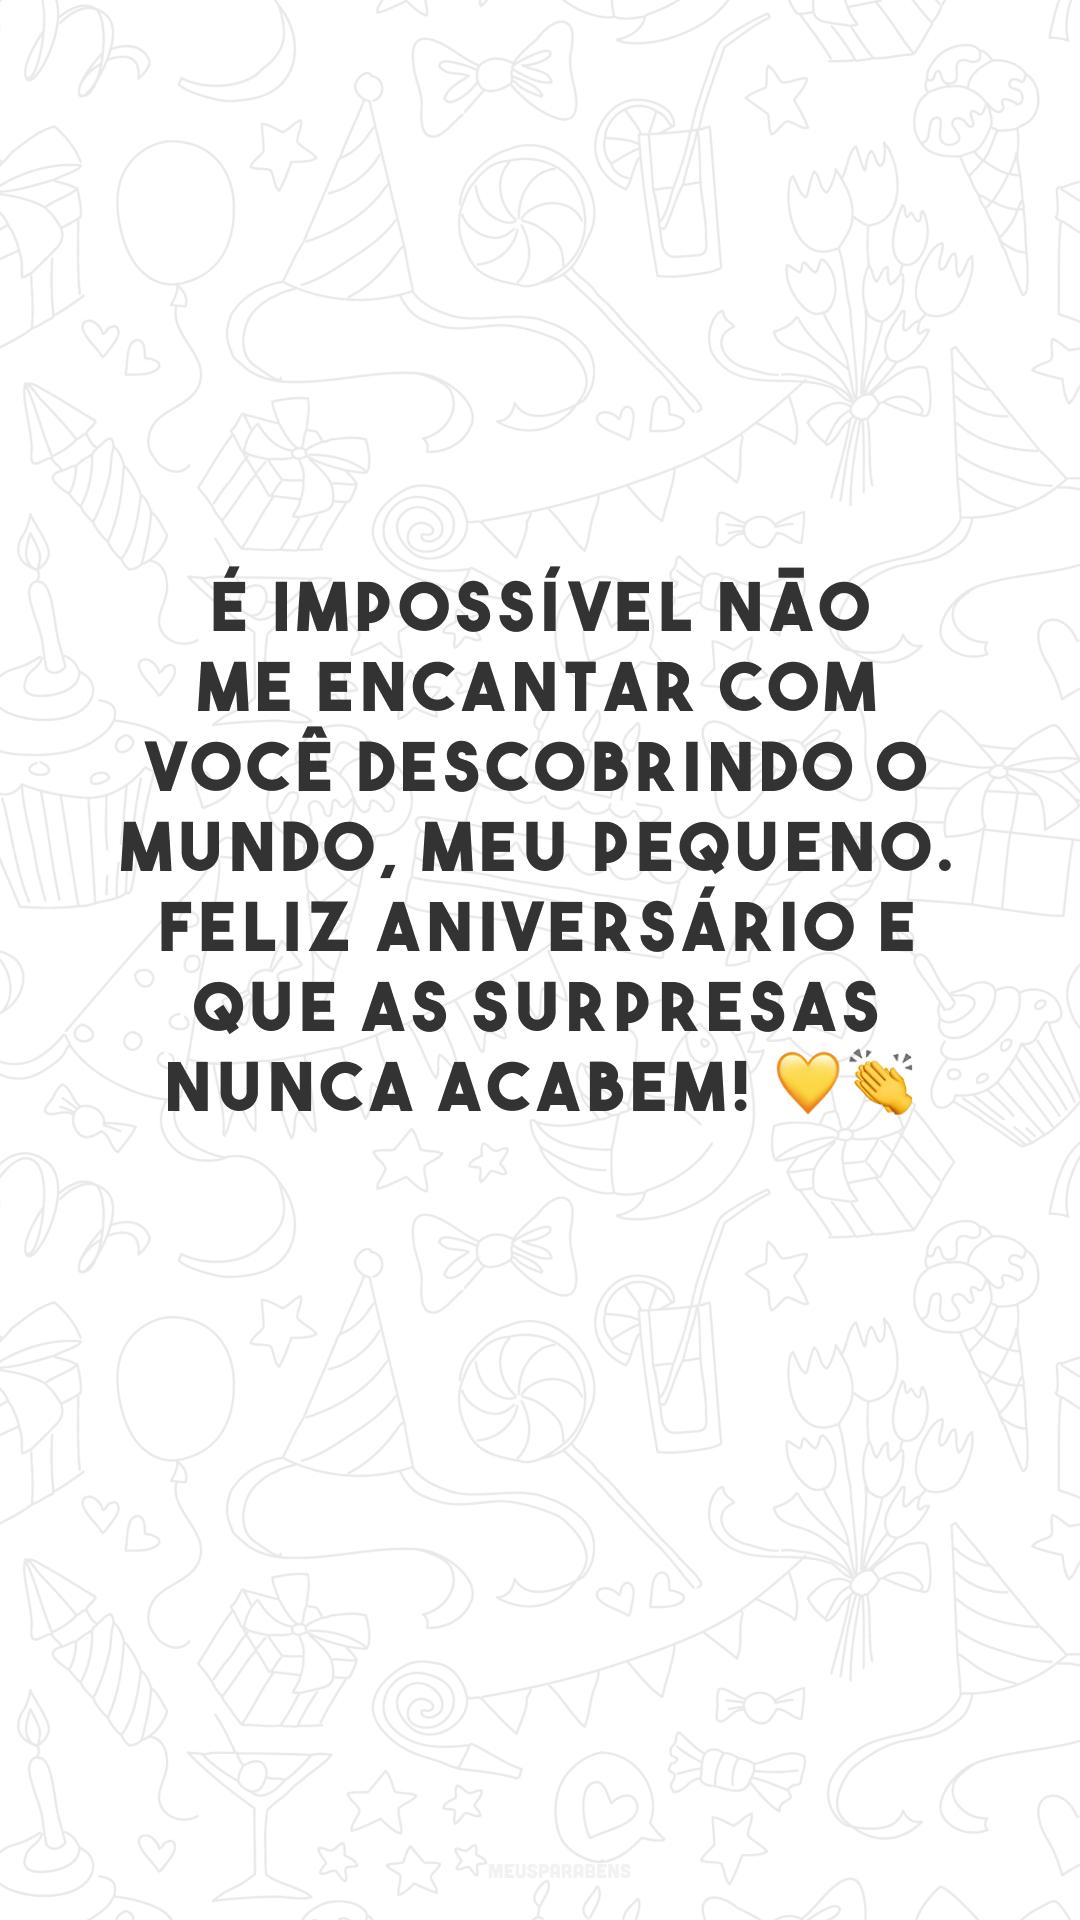 É impossível não me encantar com você descobrindo o mundo, meu pequeno. Feliz aniversário e que as surpresas nunca acabem! 💛👏